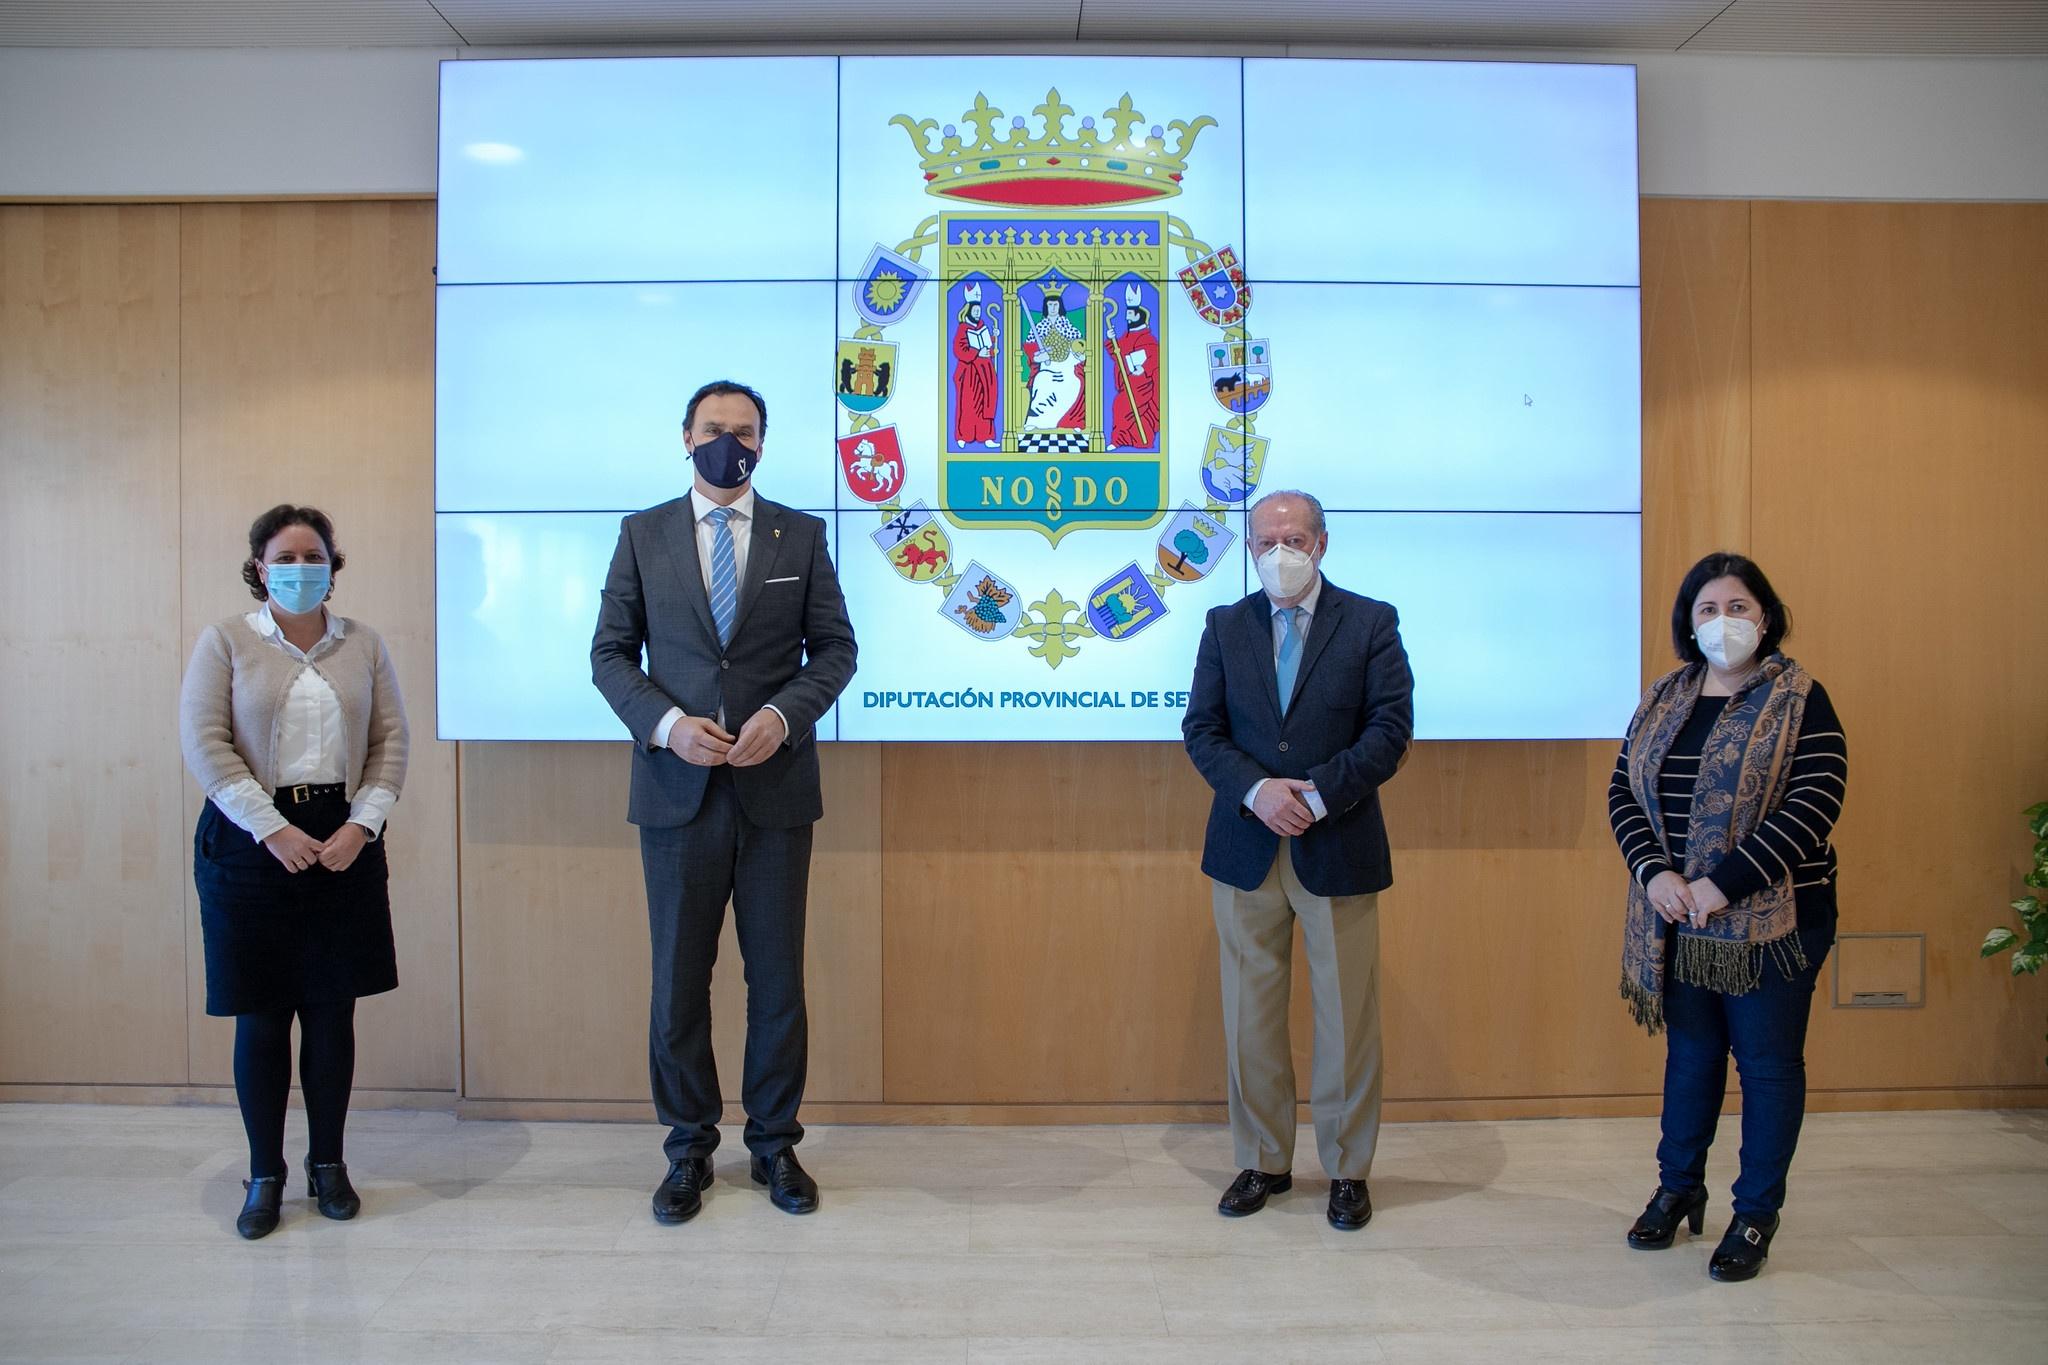 El Plan Contigo de Diputación de Sevilla impulsará la economía local de Lebrija